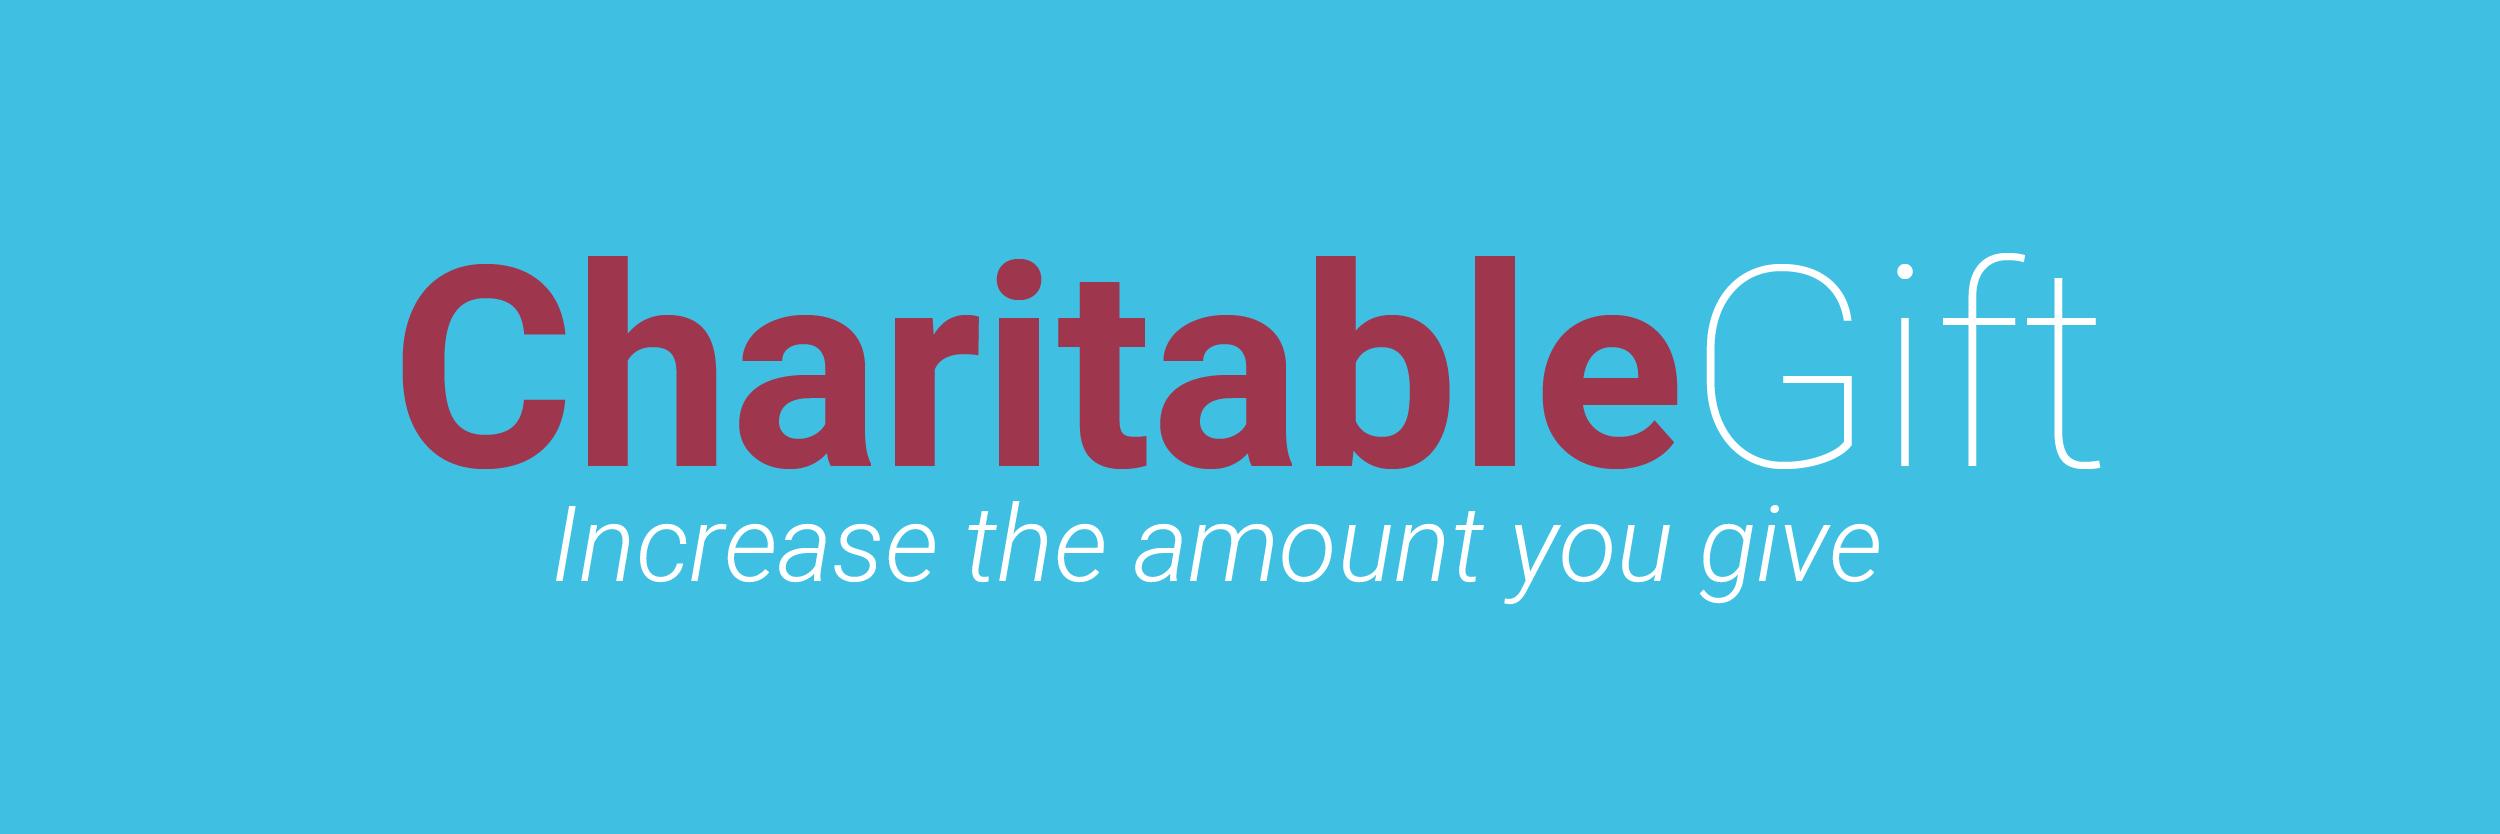 Charitable Gift-01